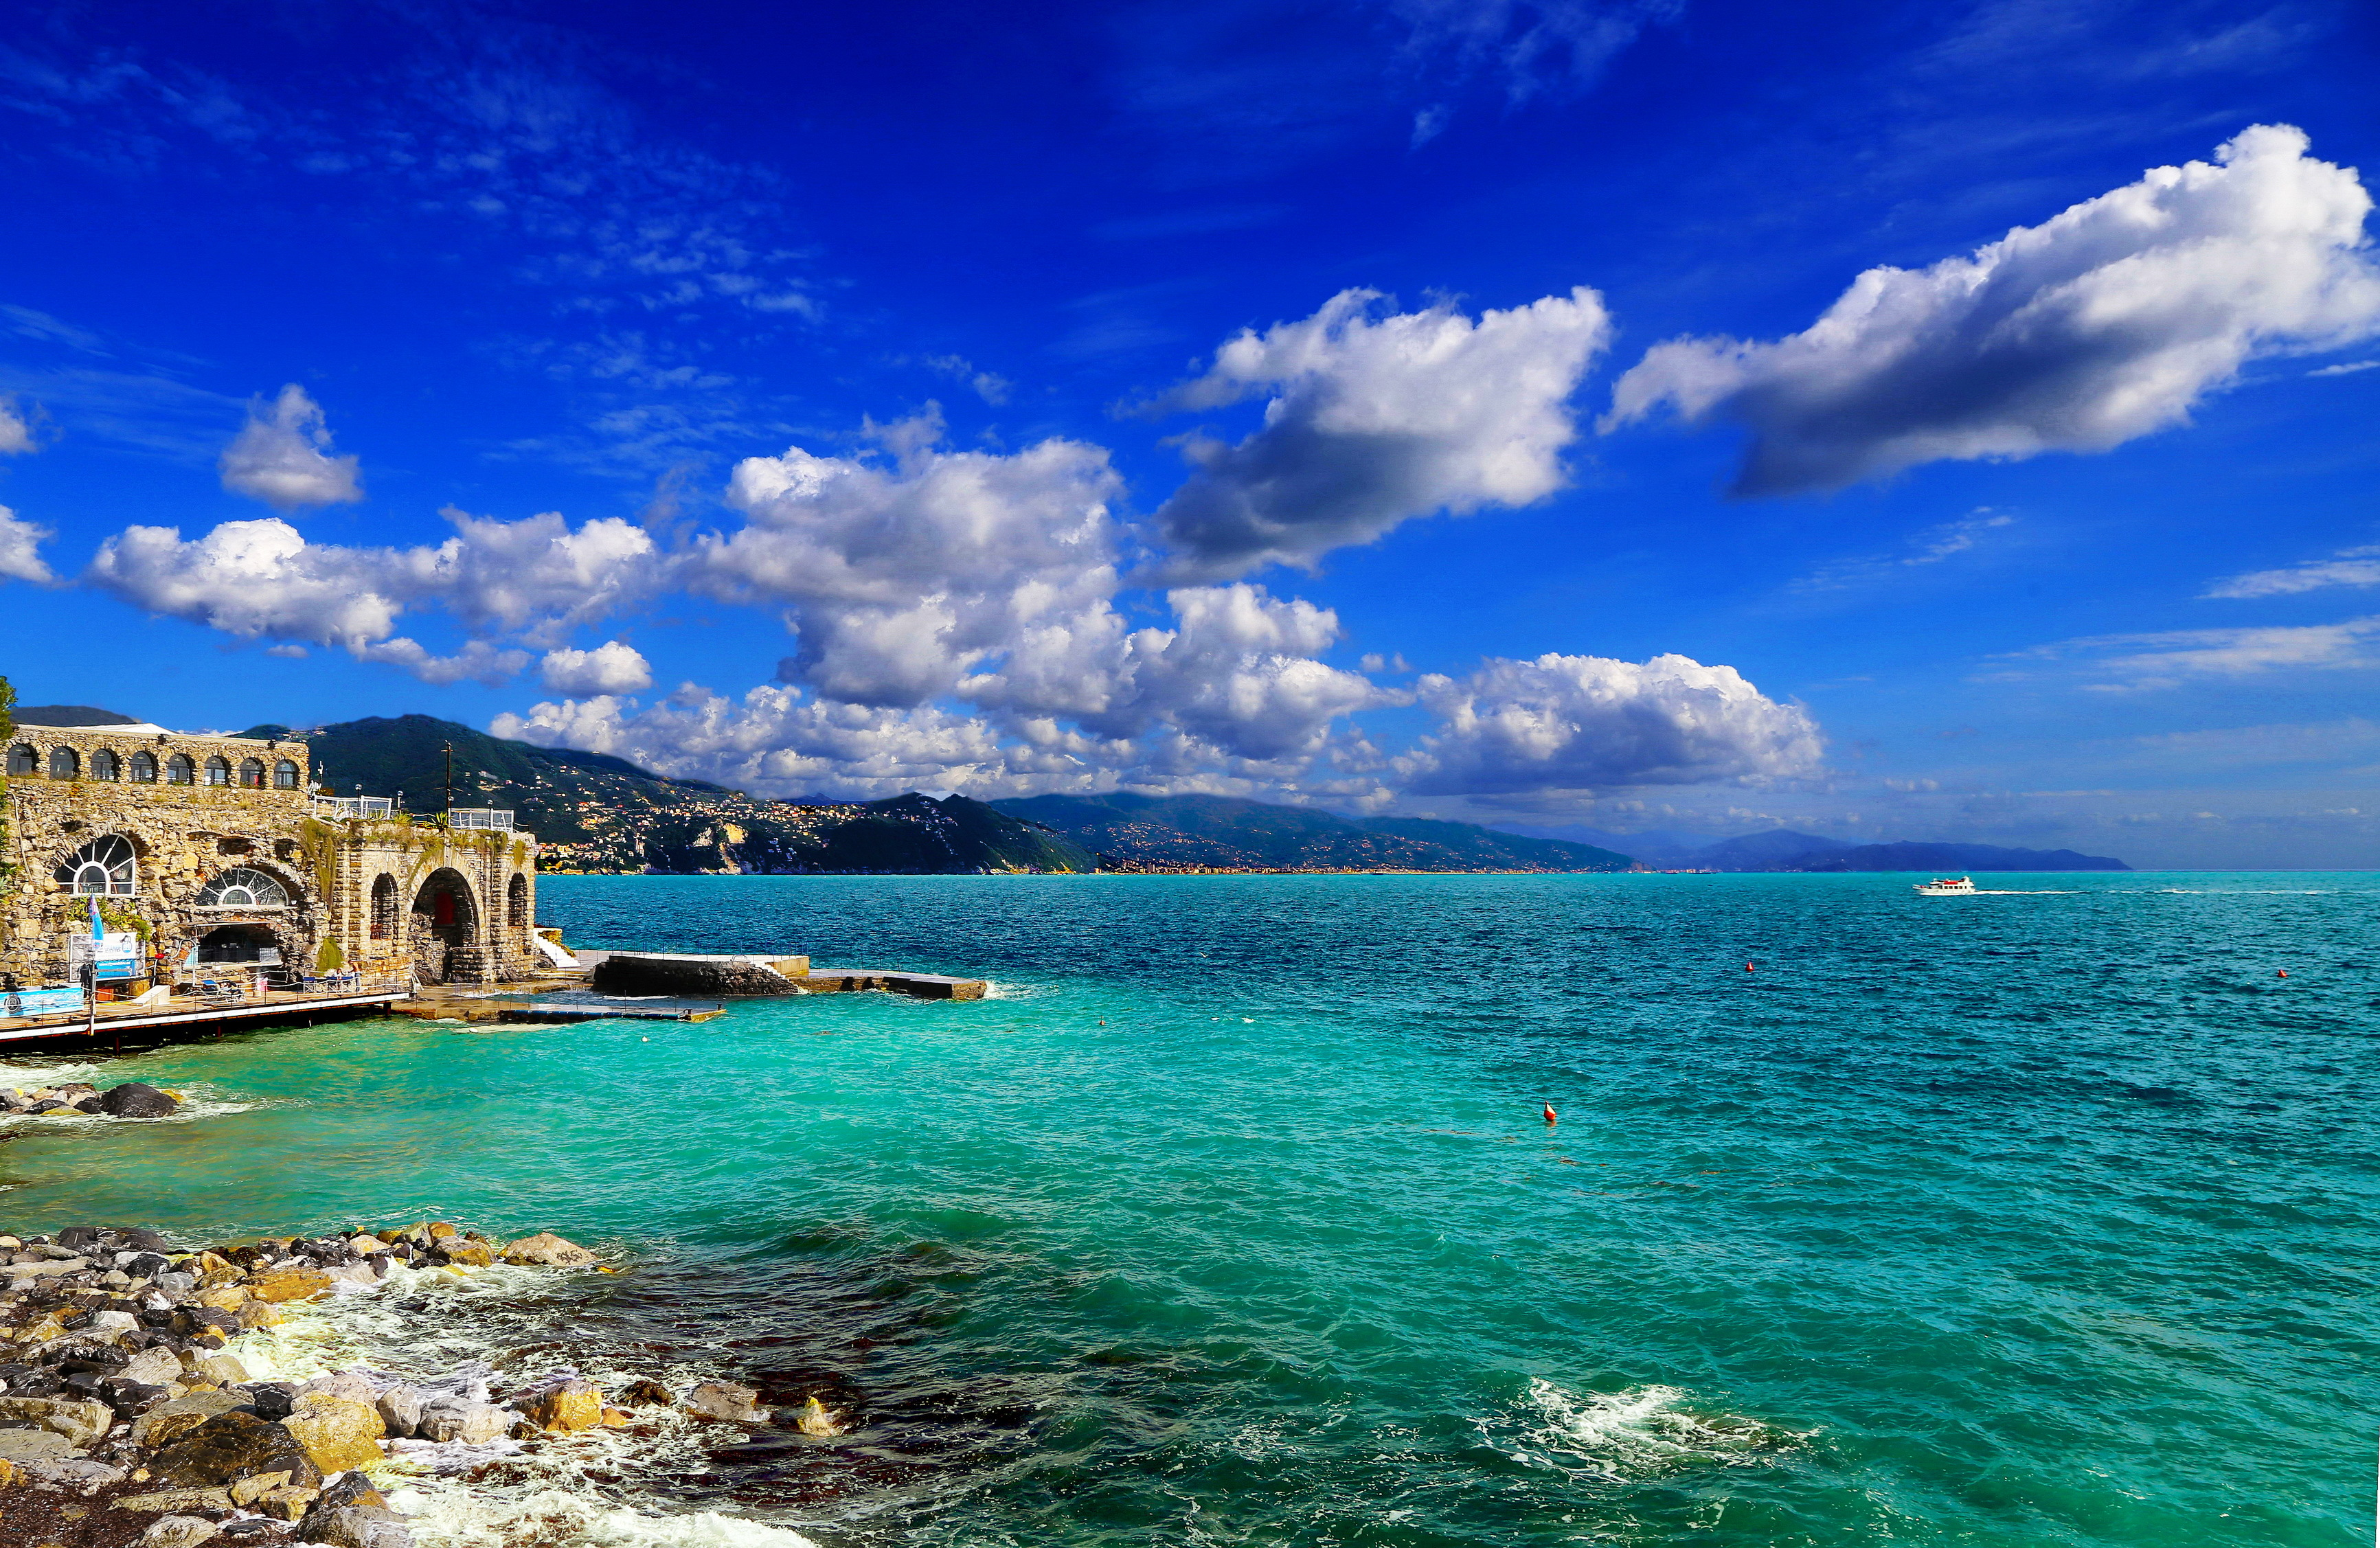 италия пляжи обои на рабочий стол № 507055 без смс